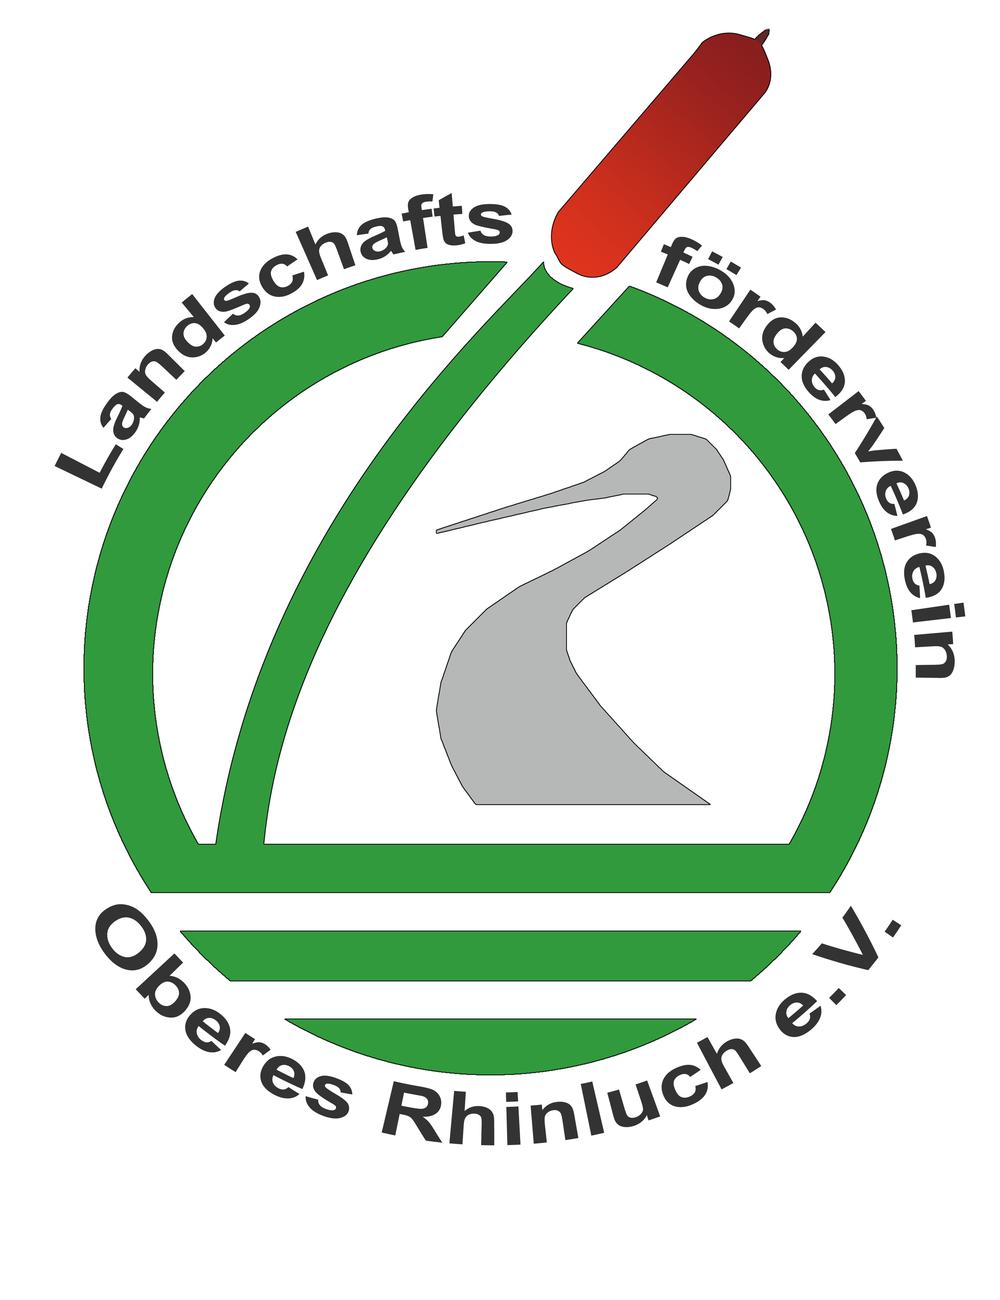 Landwirtschaftsförderverein Oberes Rhinluch e. V.